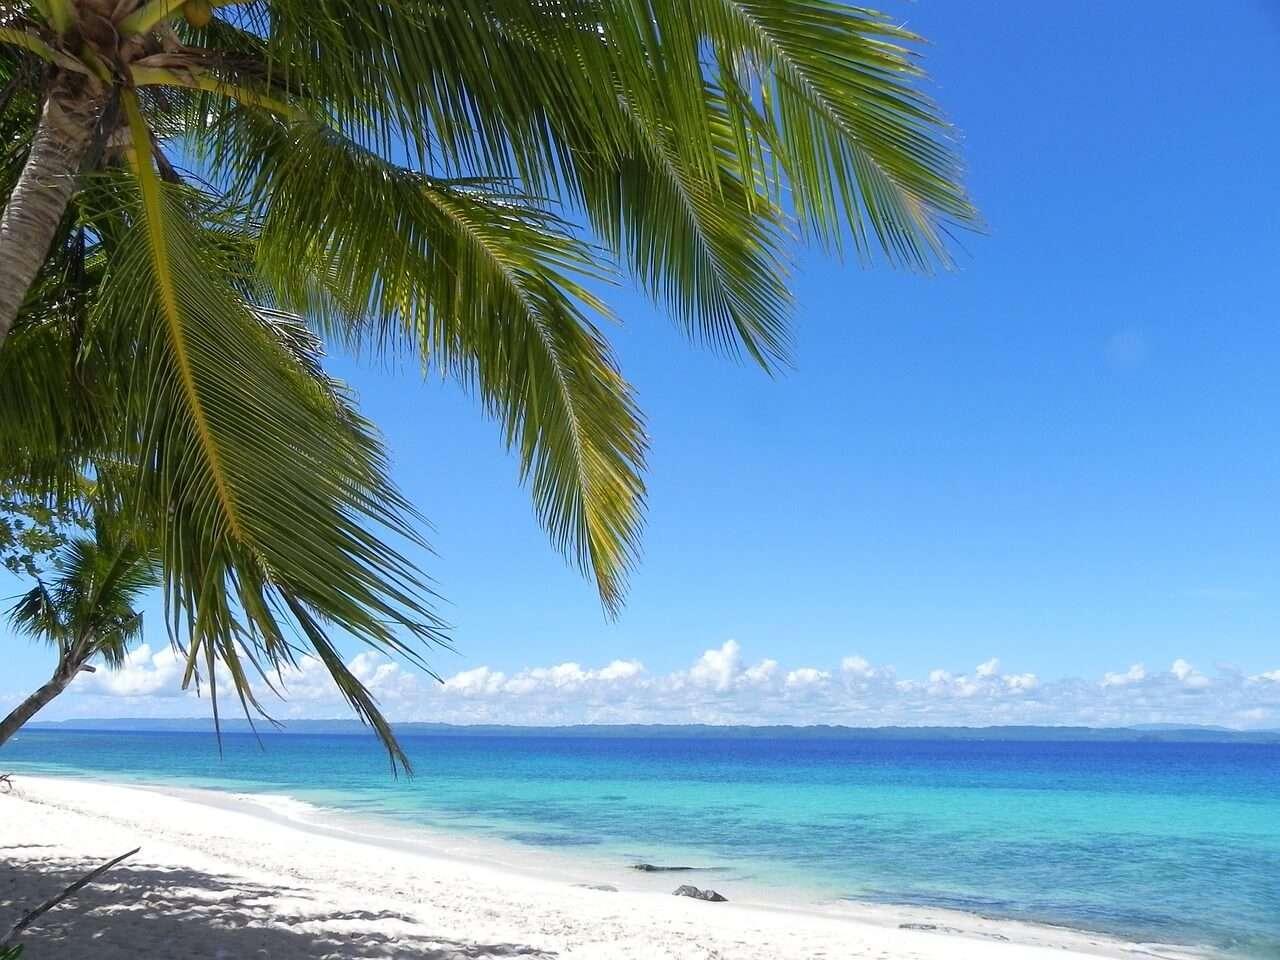 dove anadre in vacanza : Filippine